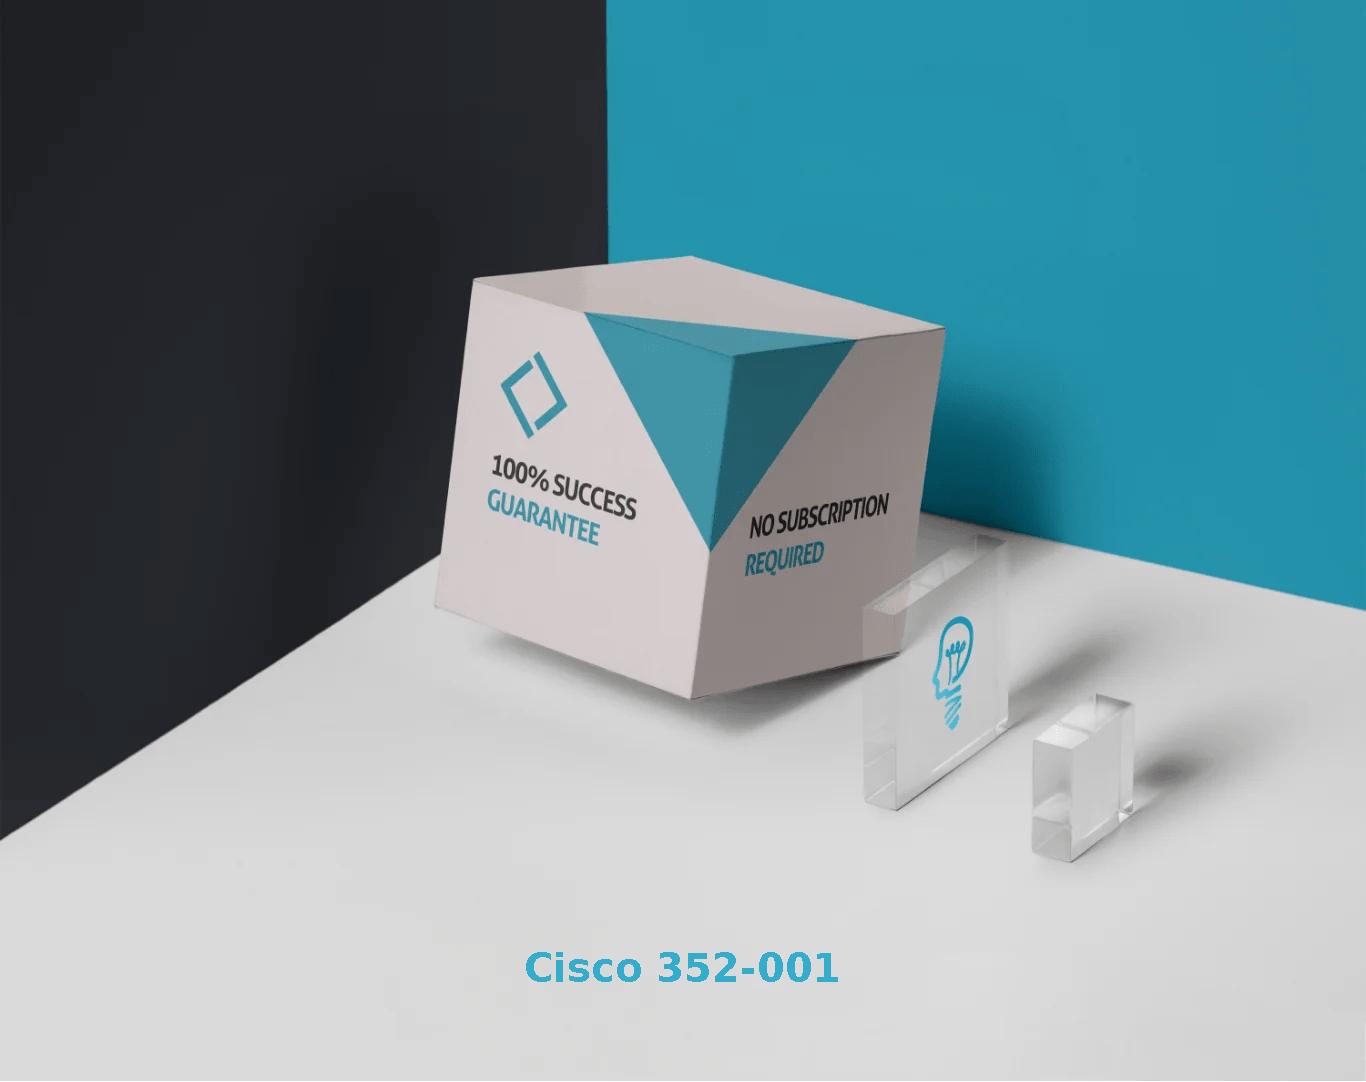 Cisco 352-001 Exams